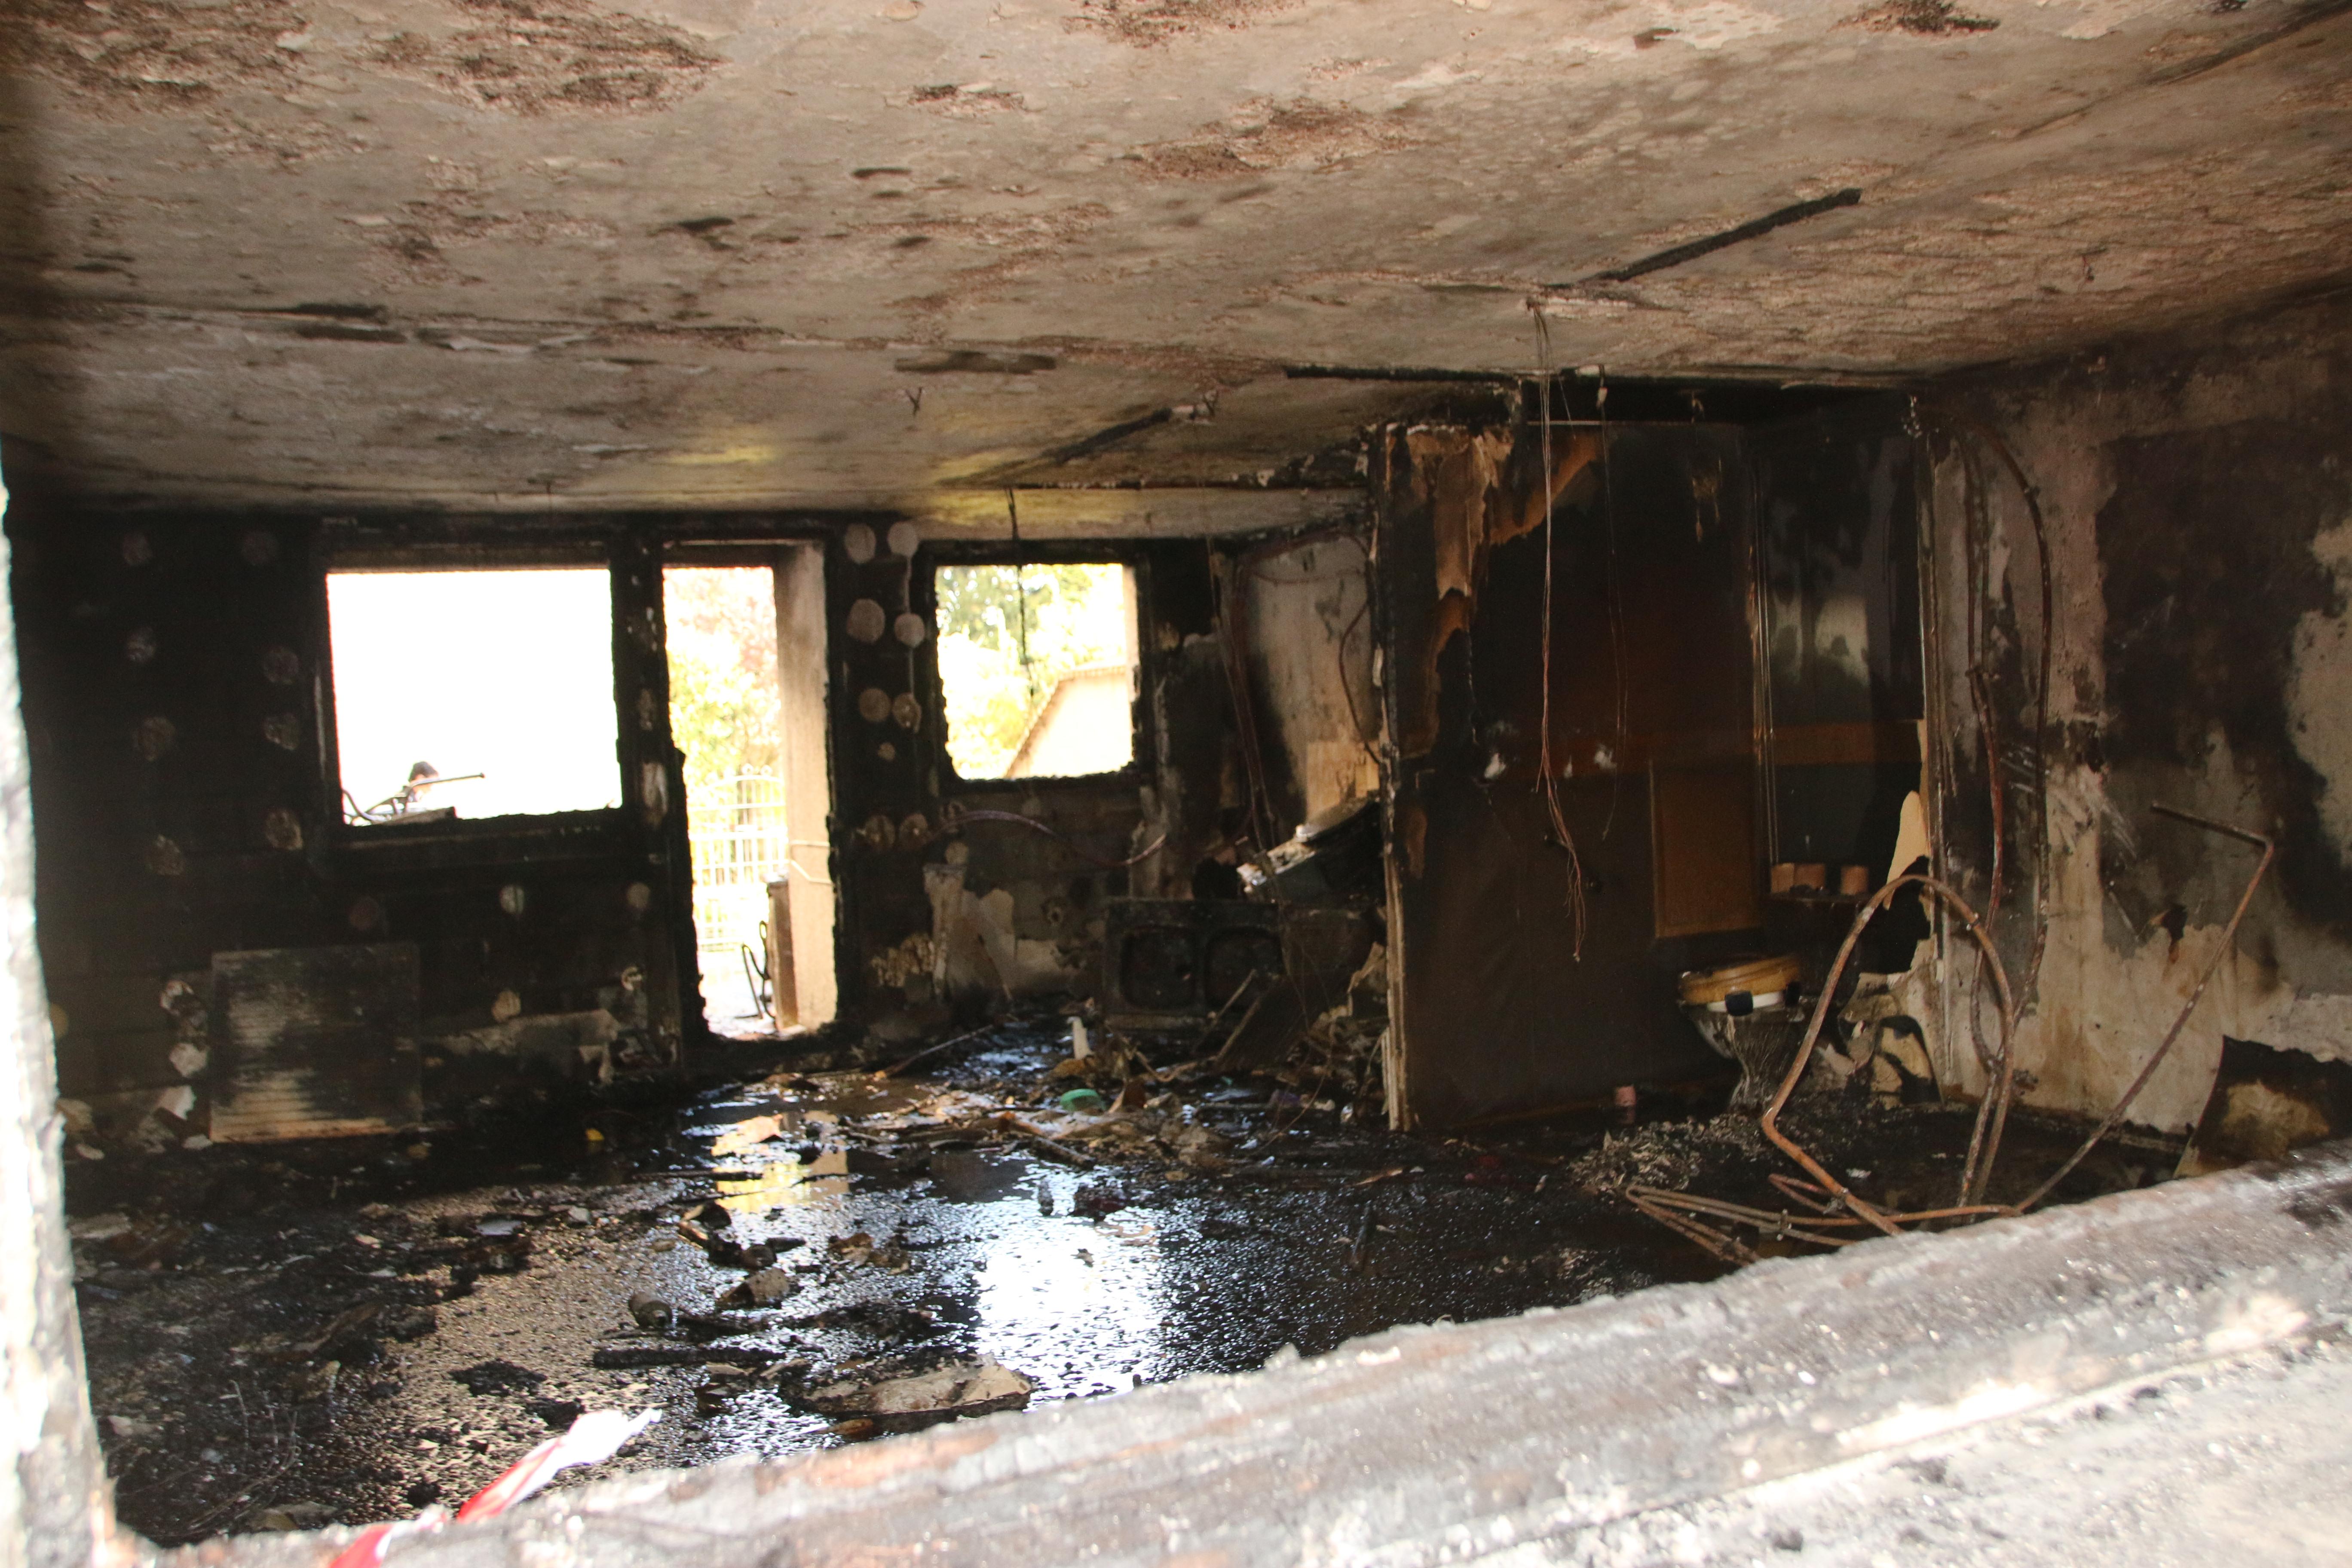 L'appartement sinistré, situé au rez-de-chaussée d'un immeuble de 4 étages, est totalement détruit (Photos Céline Jégu-Buchard)